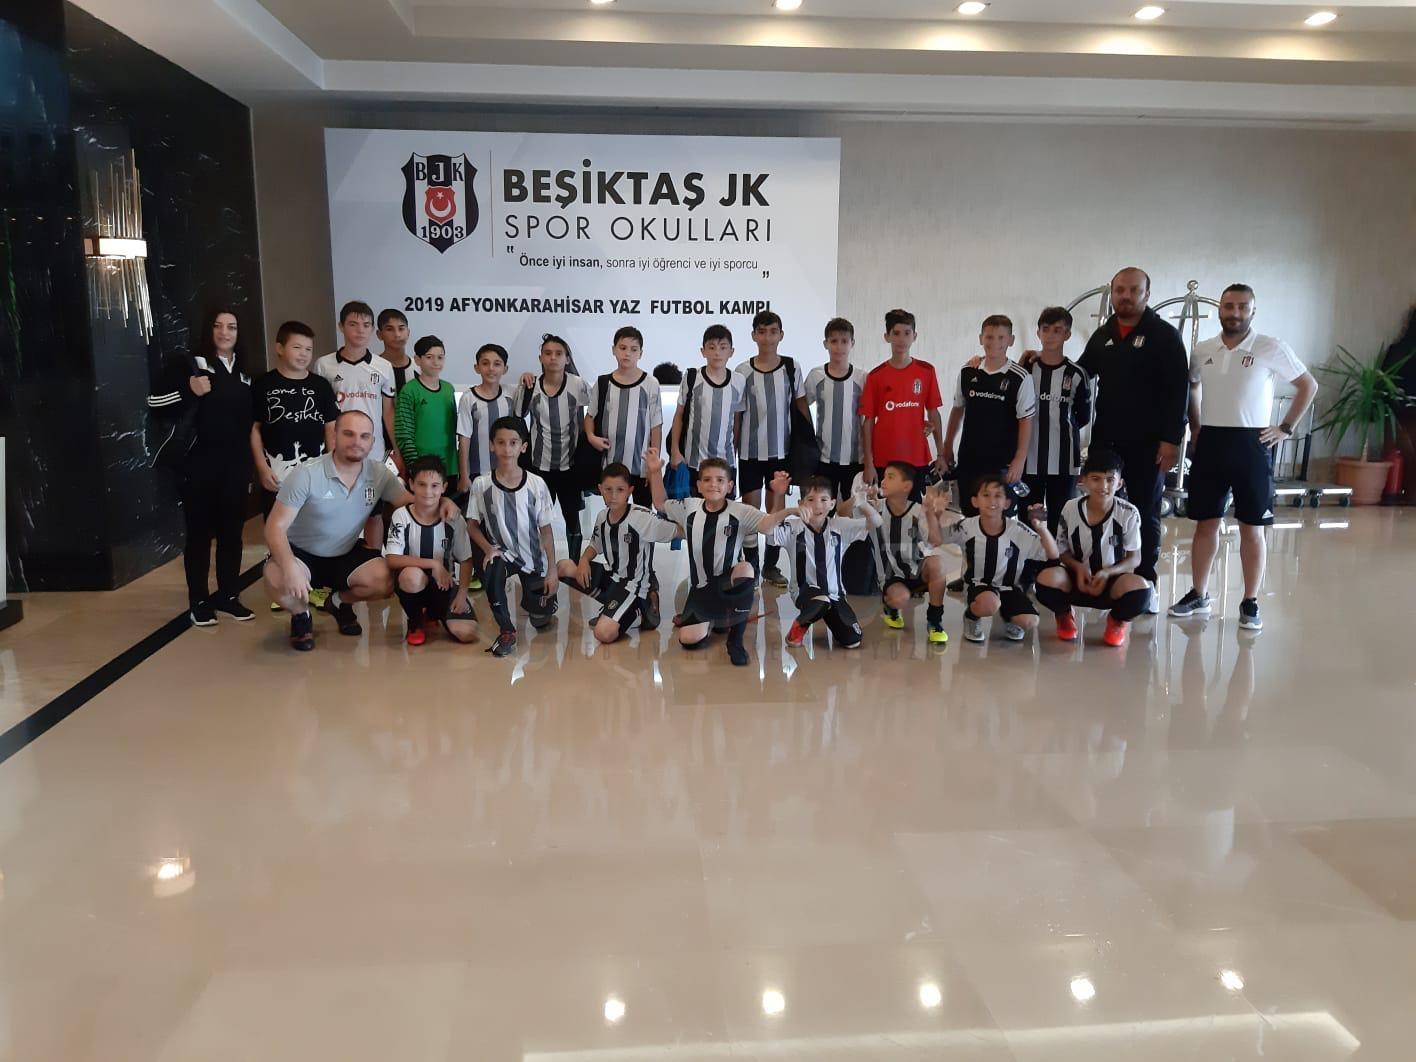 Küçük Futbolcular, Afyon'daki Turnuvada Finale Kaldı